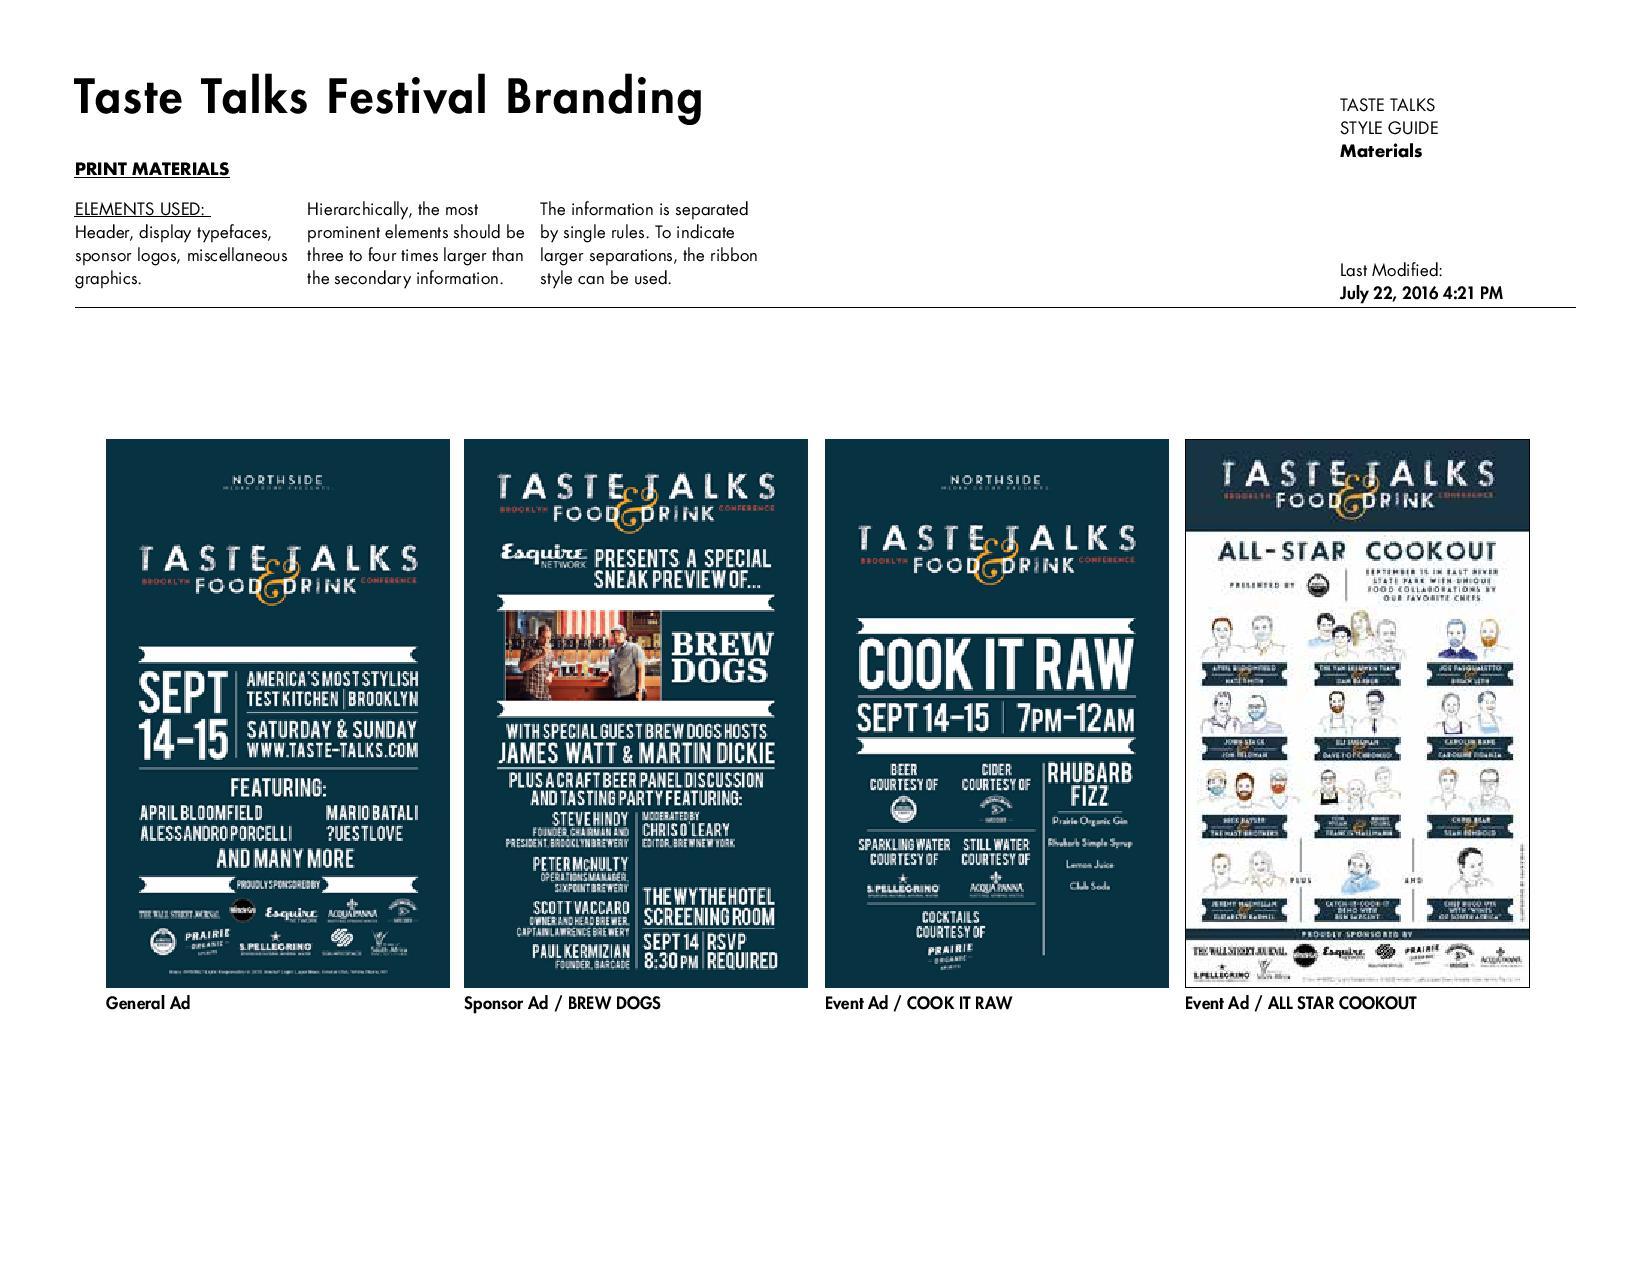 TT16_StyleGuide_final-page-003.jpg